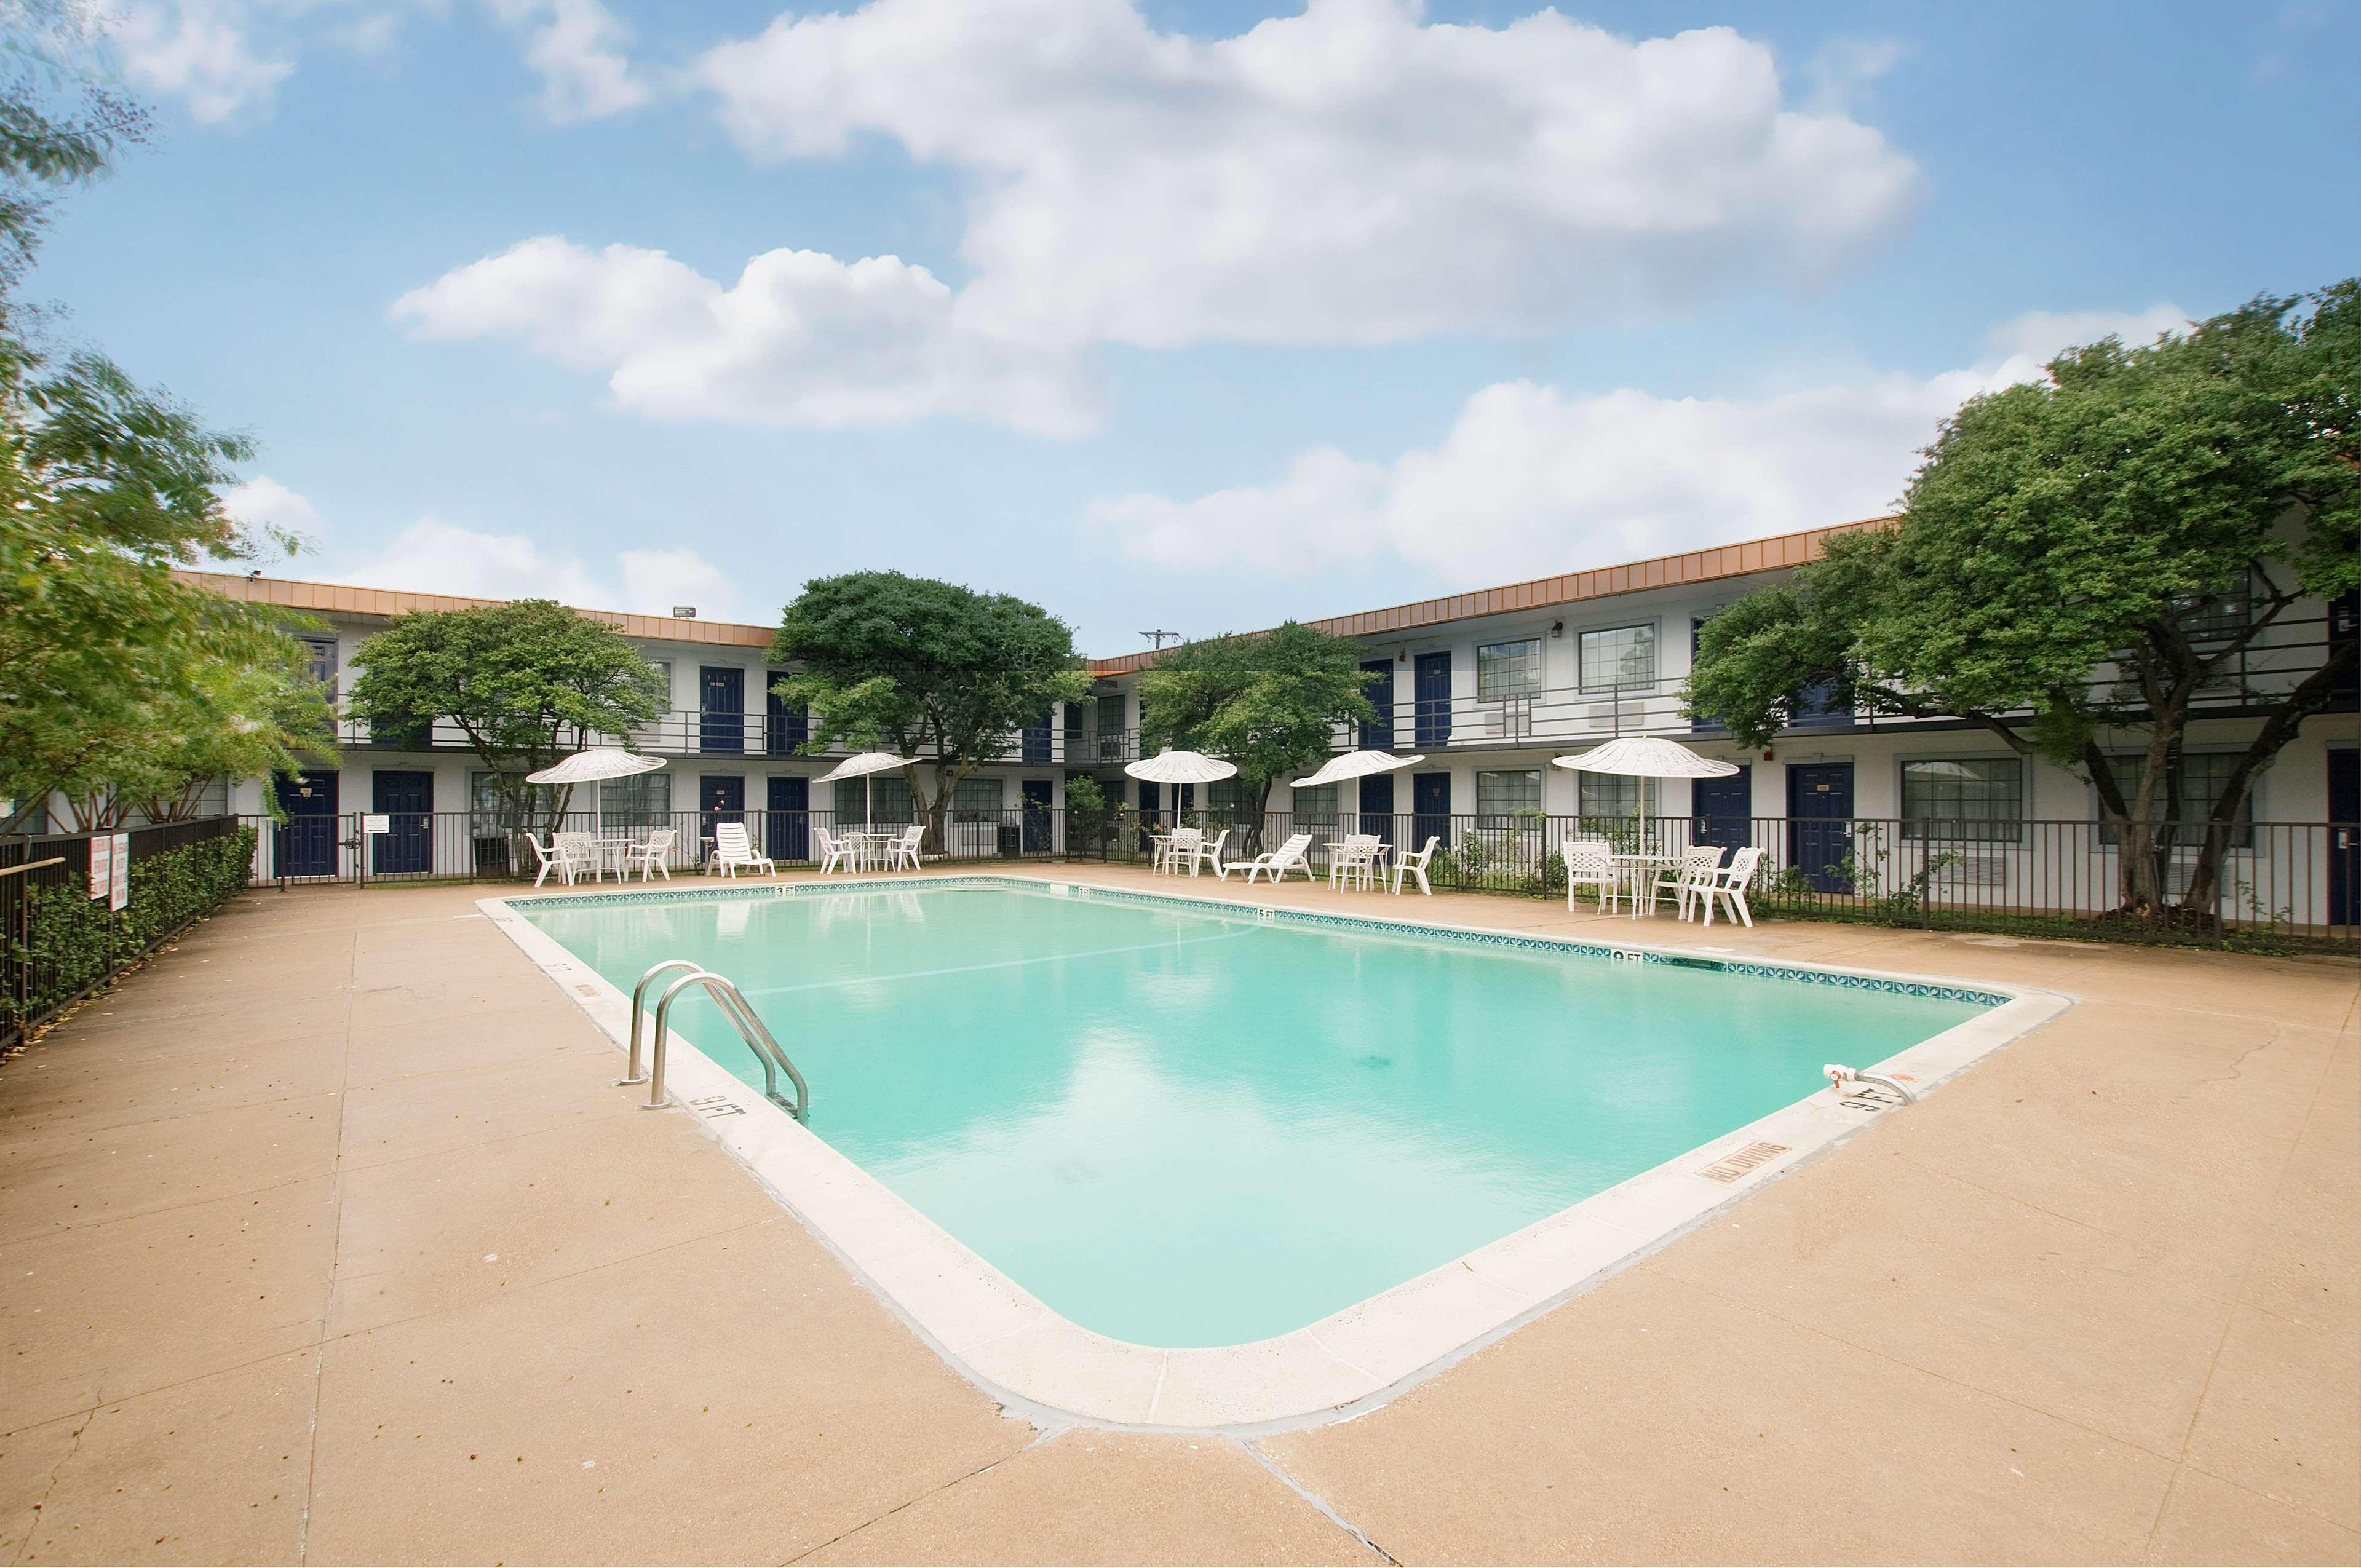 Americas Best Value Inn Ft Worth Hurst Hurst Texas Tx